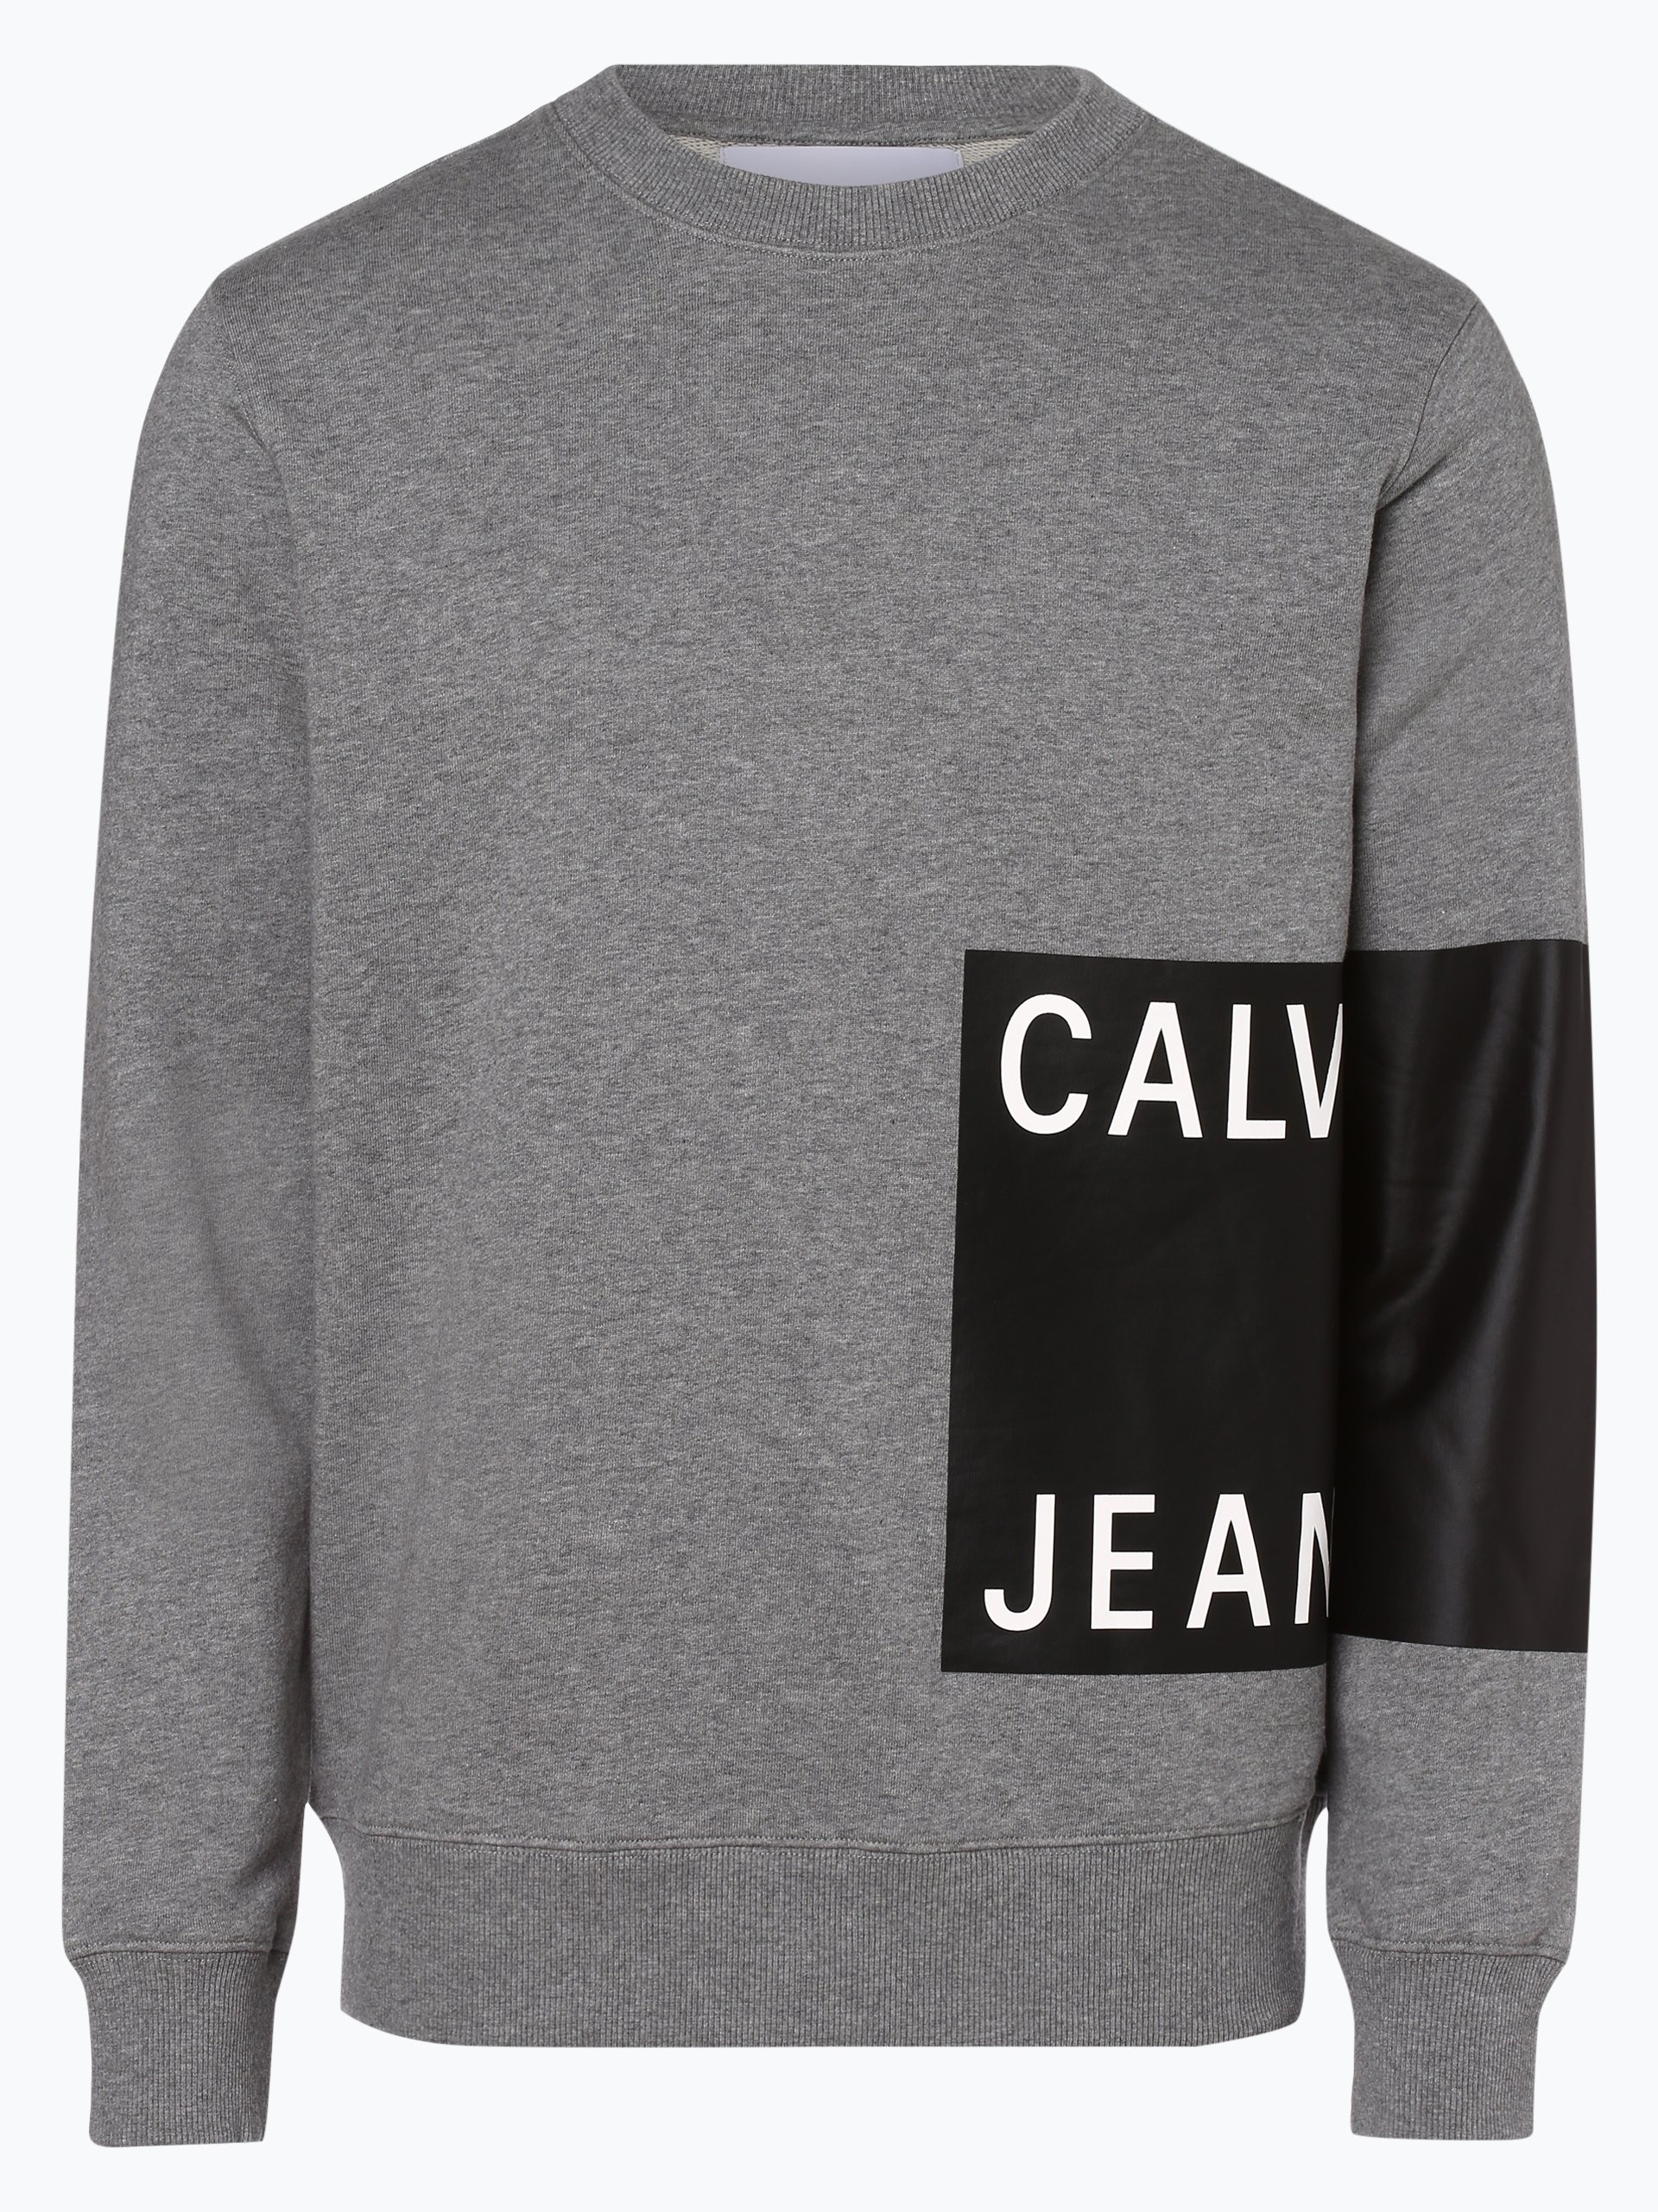 calvin klein jeans herren sweatshirt grau schwarz bedruckt online kaufen peek und cloppenburg de. Black Bedroom Furniture Sets. Home Design Ideas